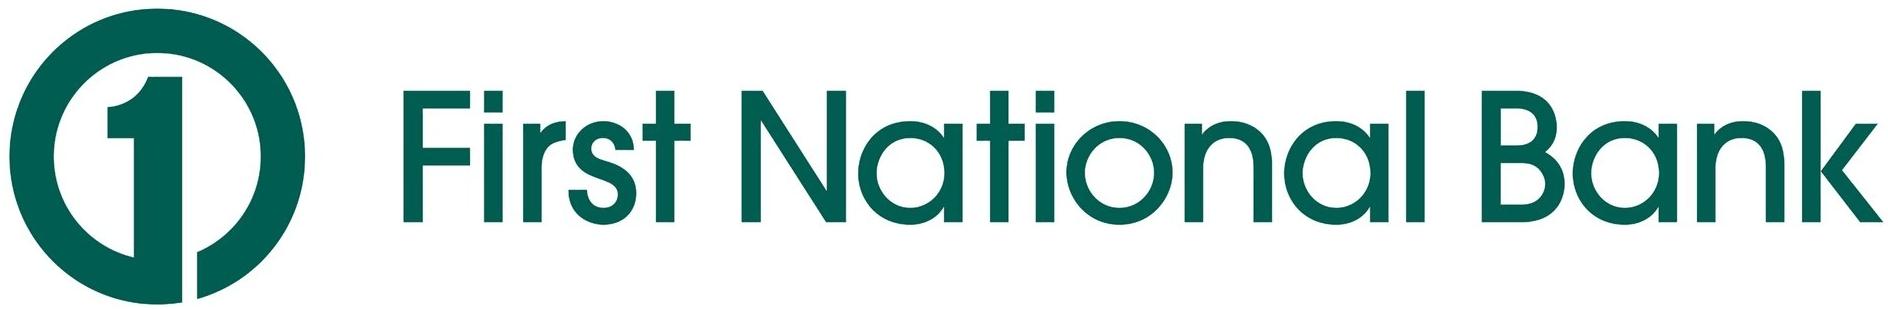 First National Bank thumbnail